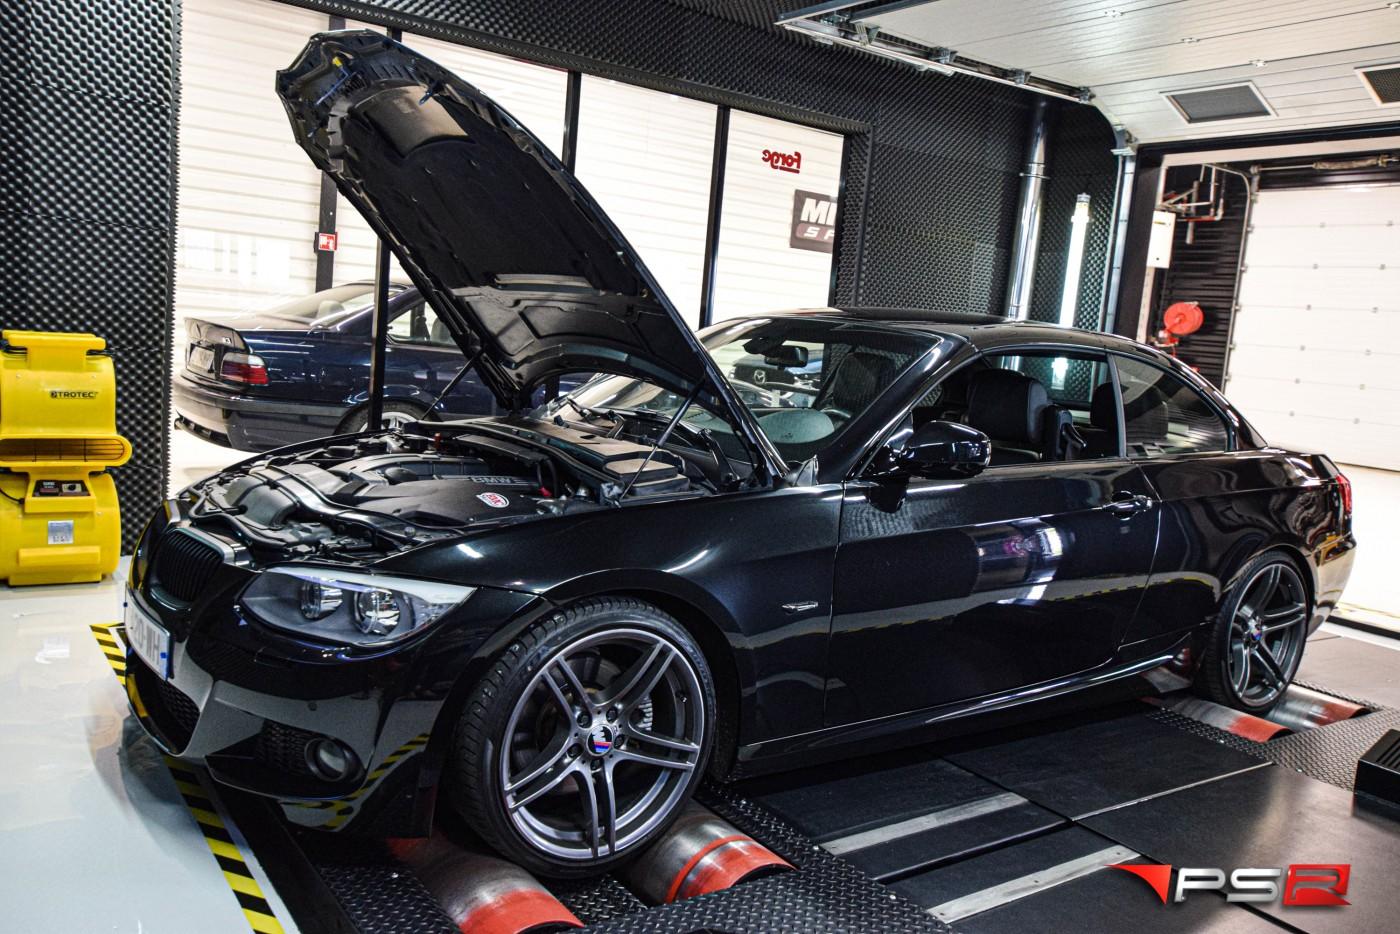 BMW 325 i CABRIOLET (e93) 218 HP TUNE